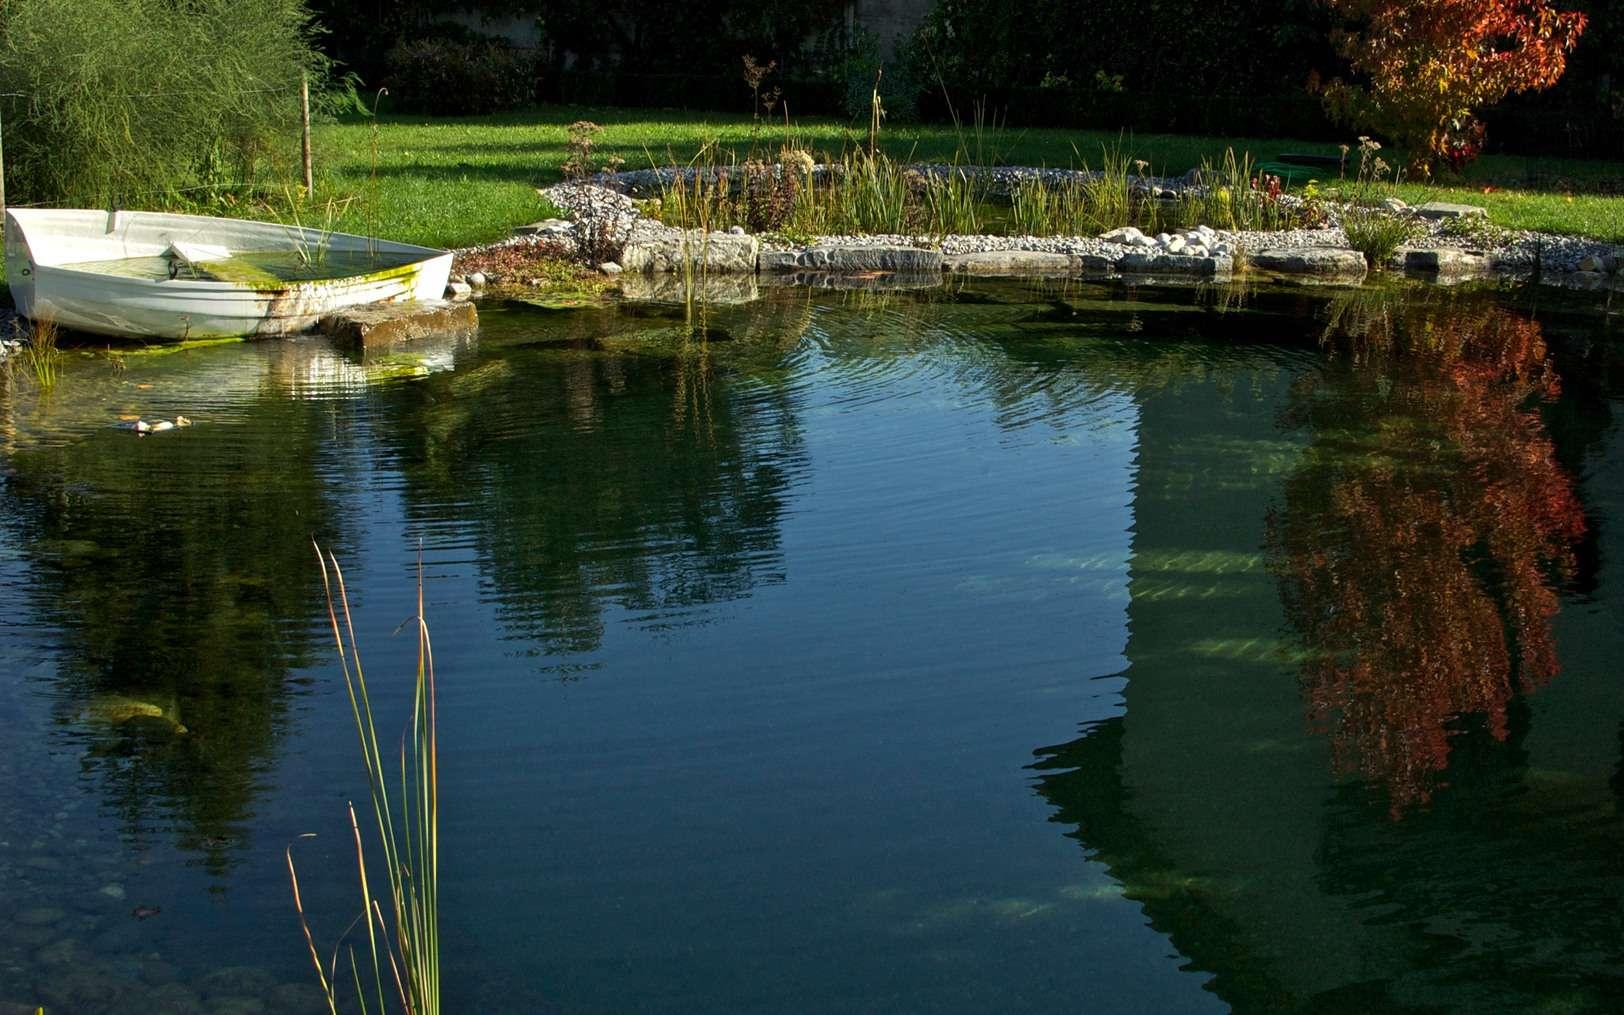 Construire une piscine naturelle permet de mieux l'intégrer dans son environnement. © Les Jardiniers du Possible, Fotopedia, CC BY-NC 3.0